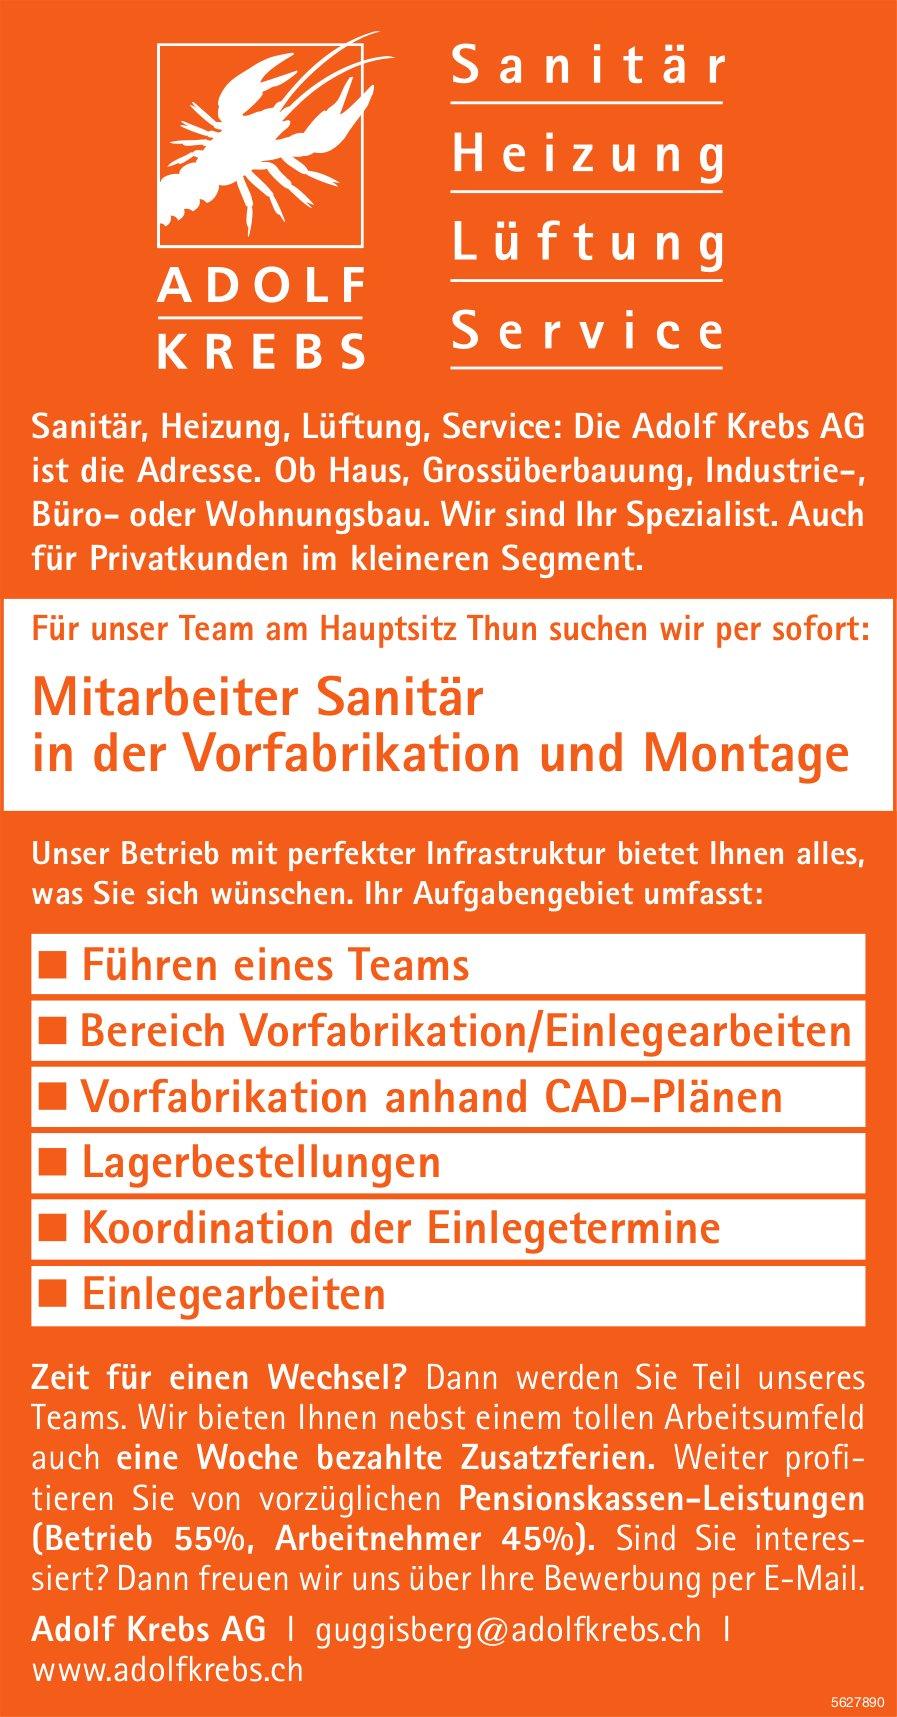 Mitarbeiter Sanitär in der Vorfabrikation und Montage, Adolf Krebs AG, Thun, gesucht